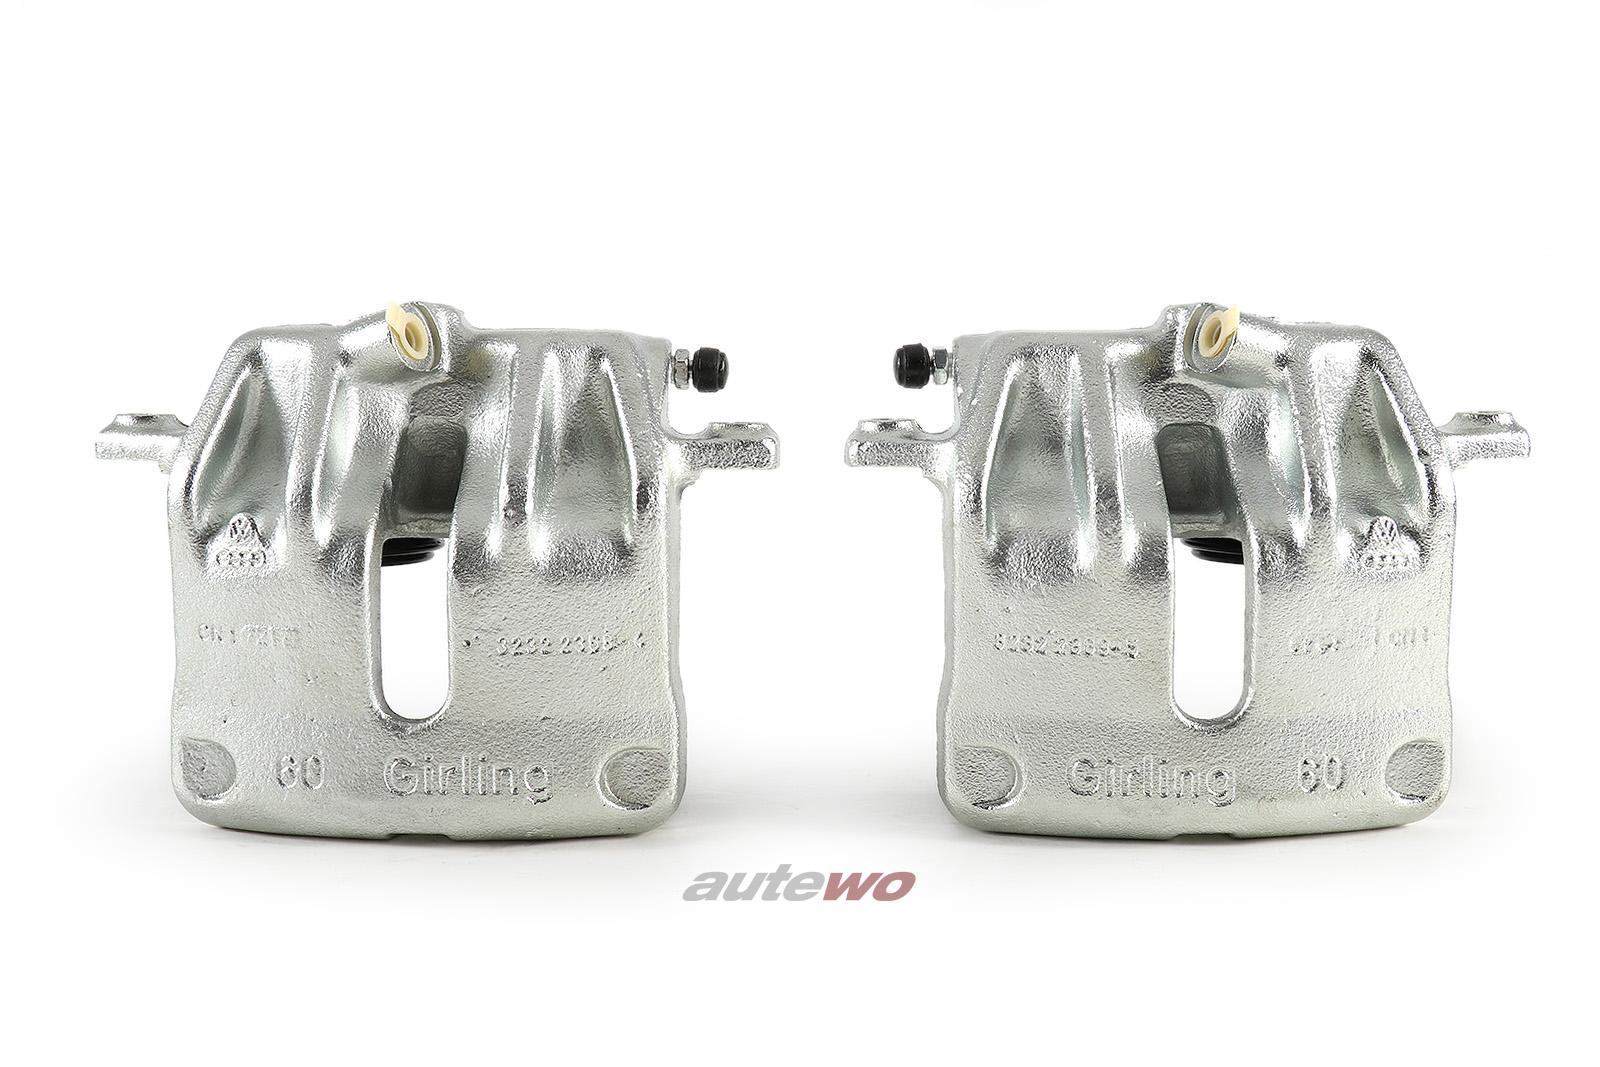 447615123/447615124 Audi 100/200 Typ 44/Urquattro/V8 D11 Girling 60 Bremse